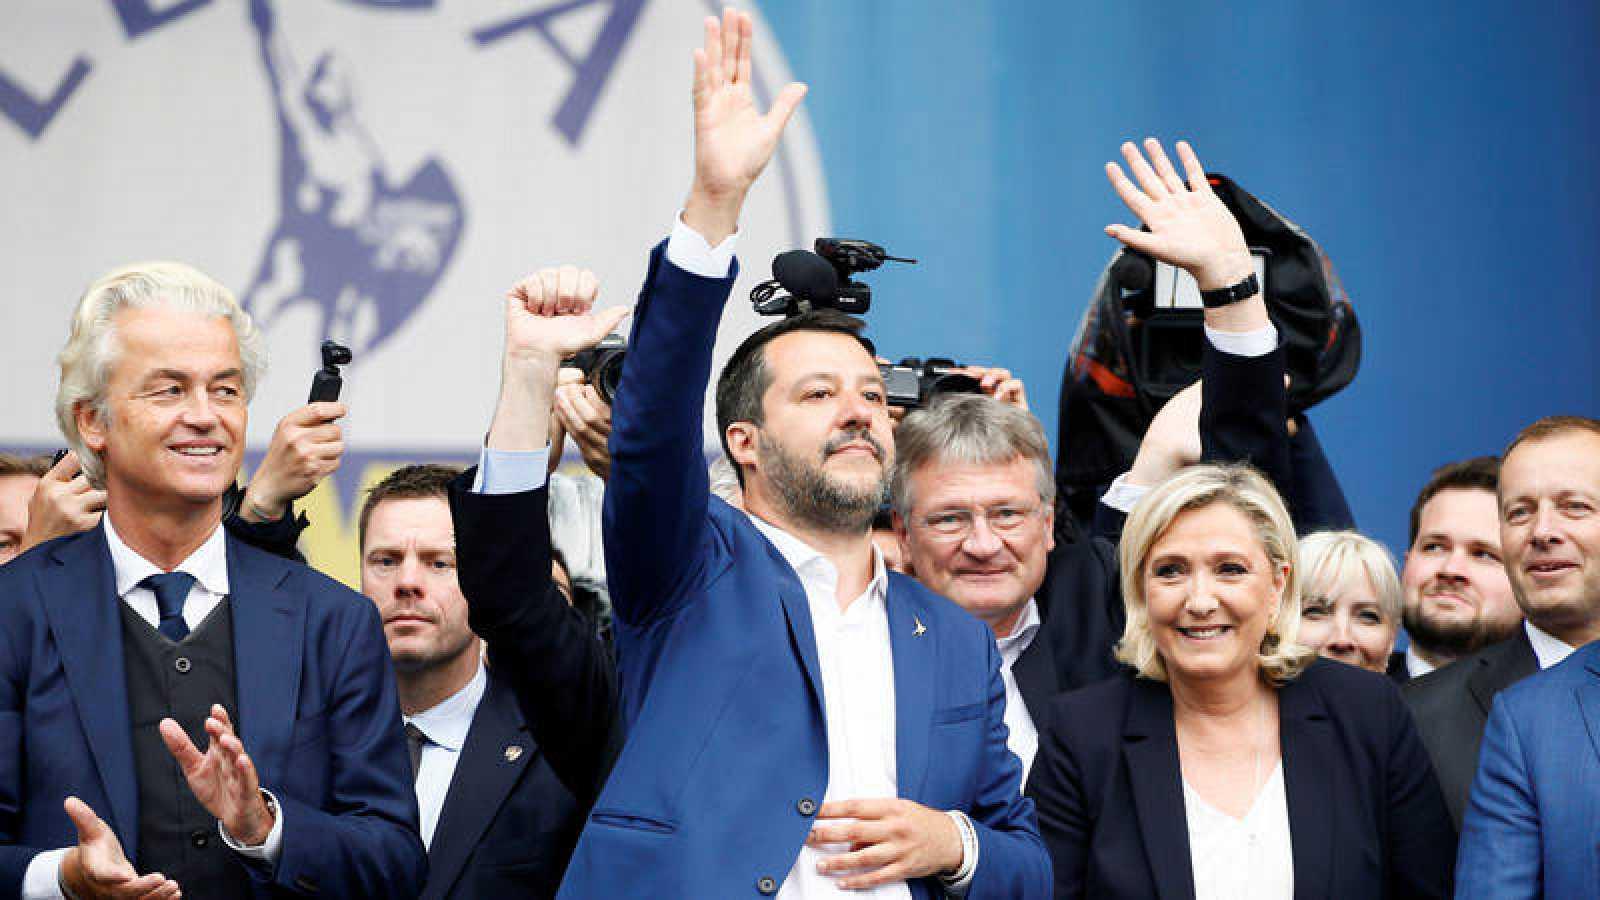 El nuevo eje del mal: Ultraderecha y populismo